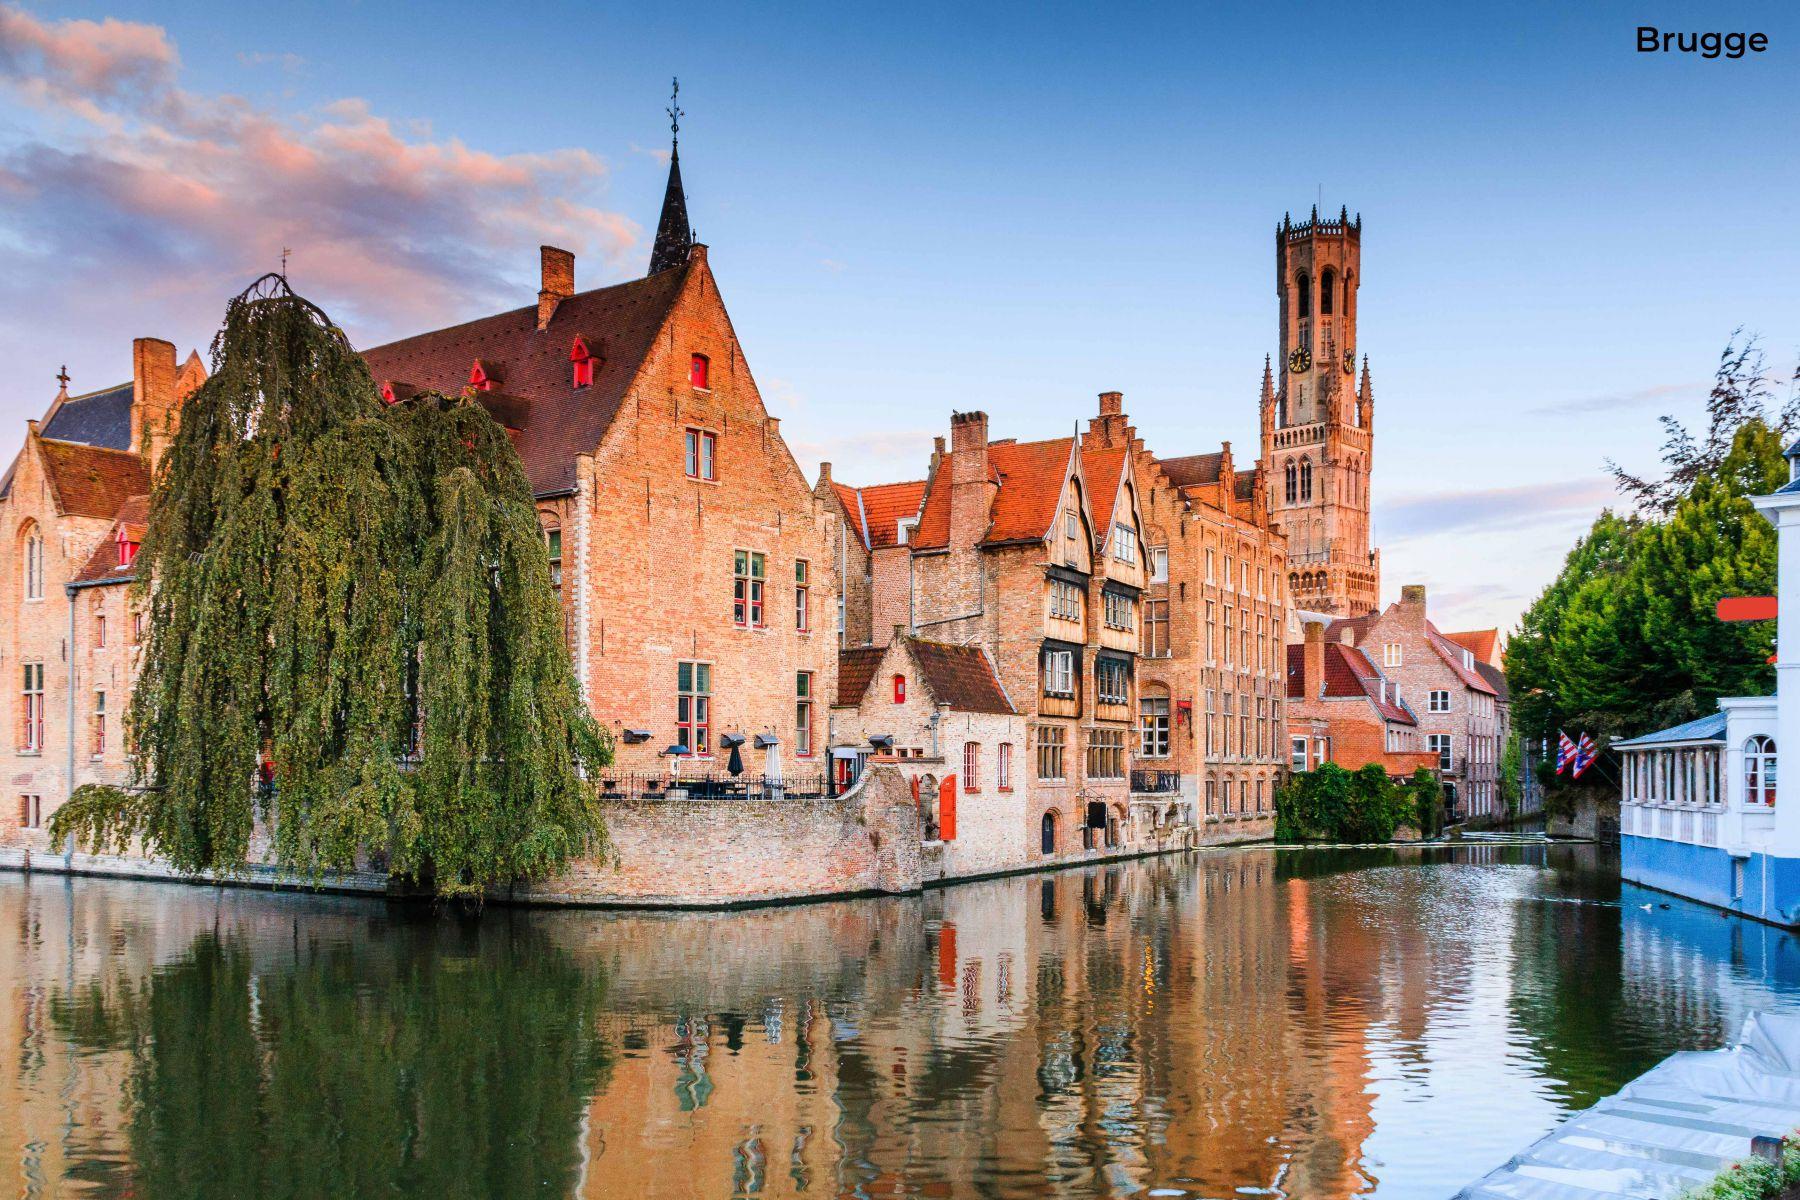 Foto in Brugge Beeld: carmengabriela (iStock)